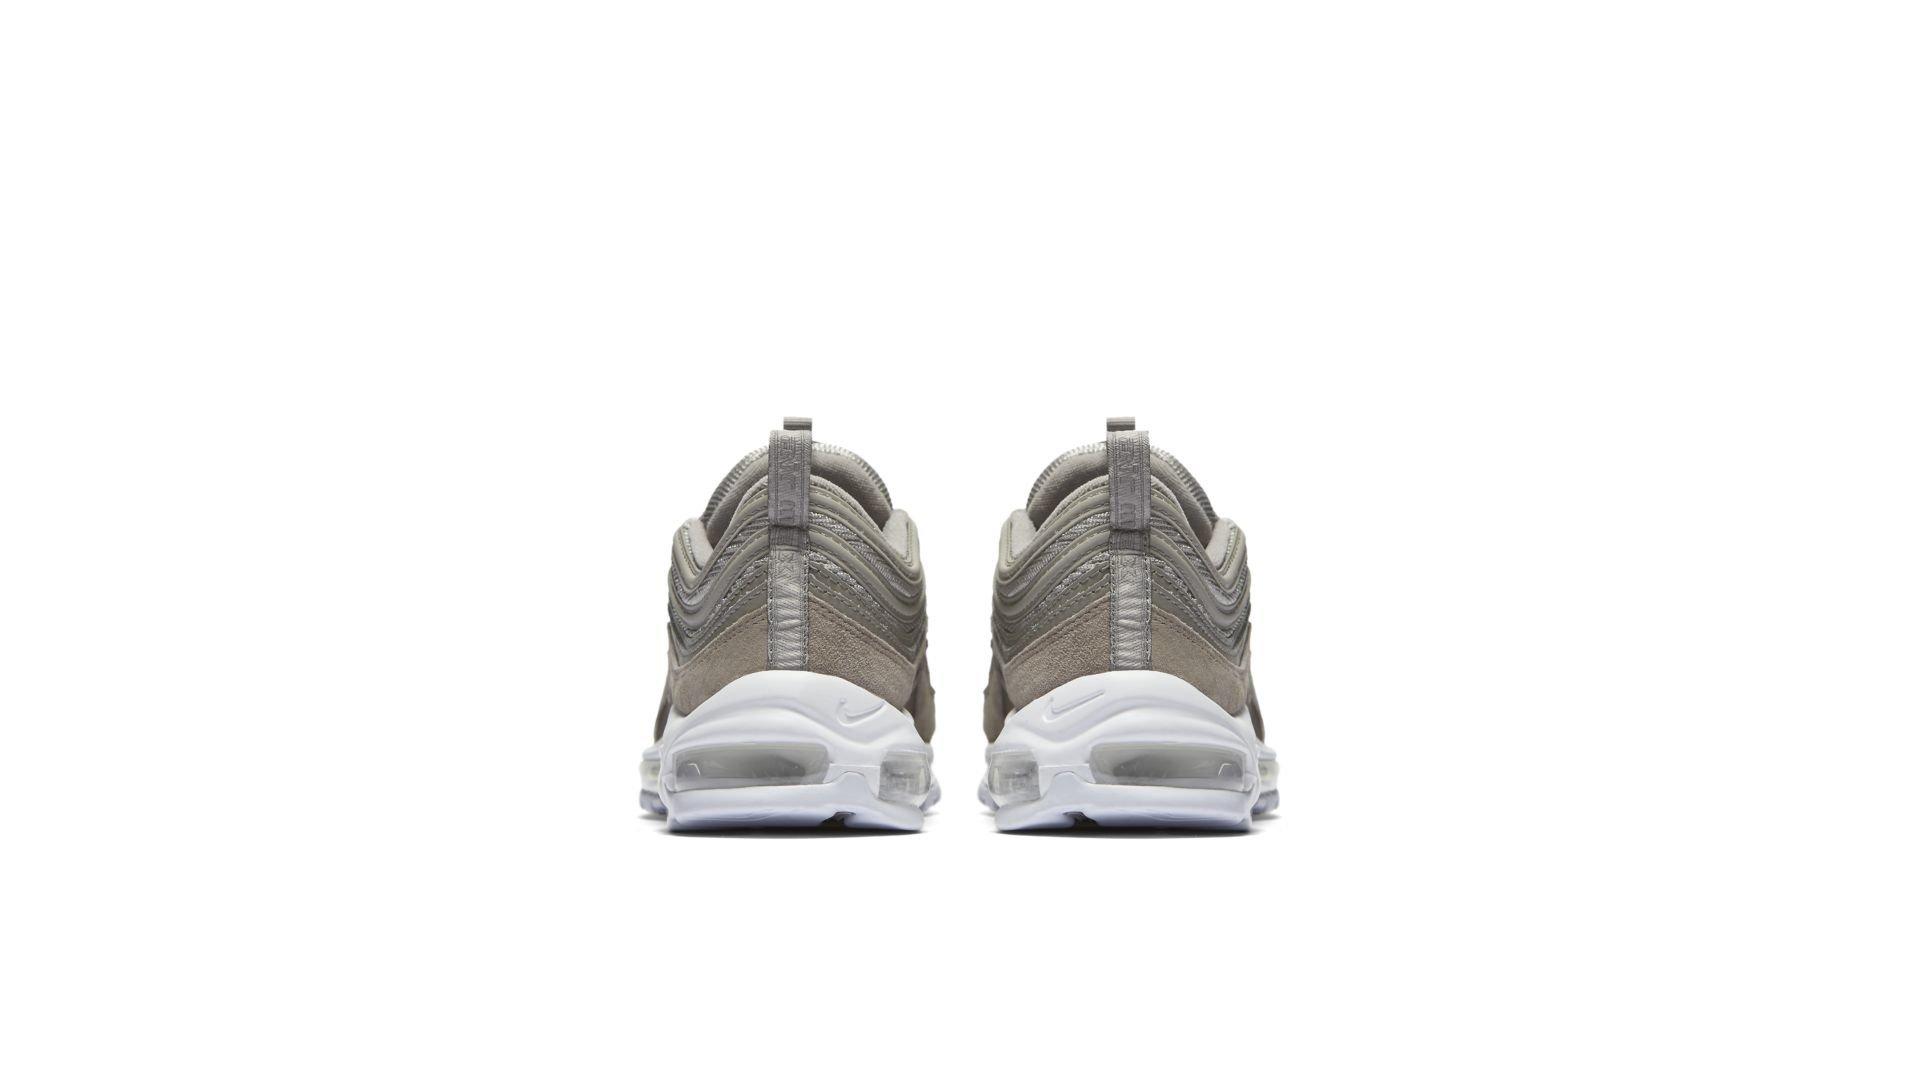 Nike Air Max 97 Cobblestone (921826-002)